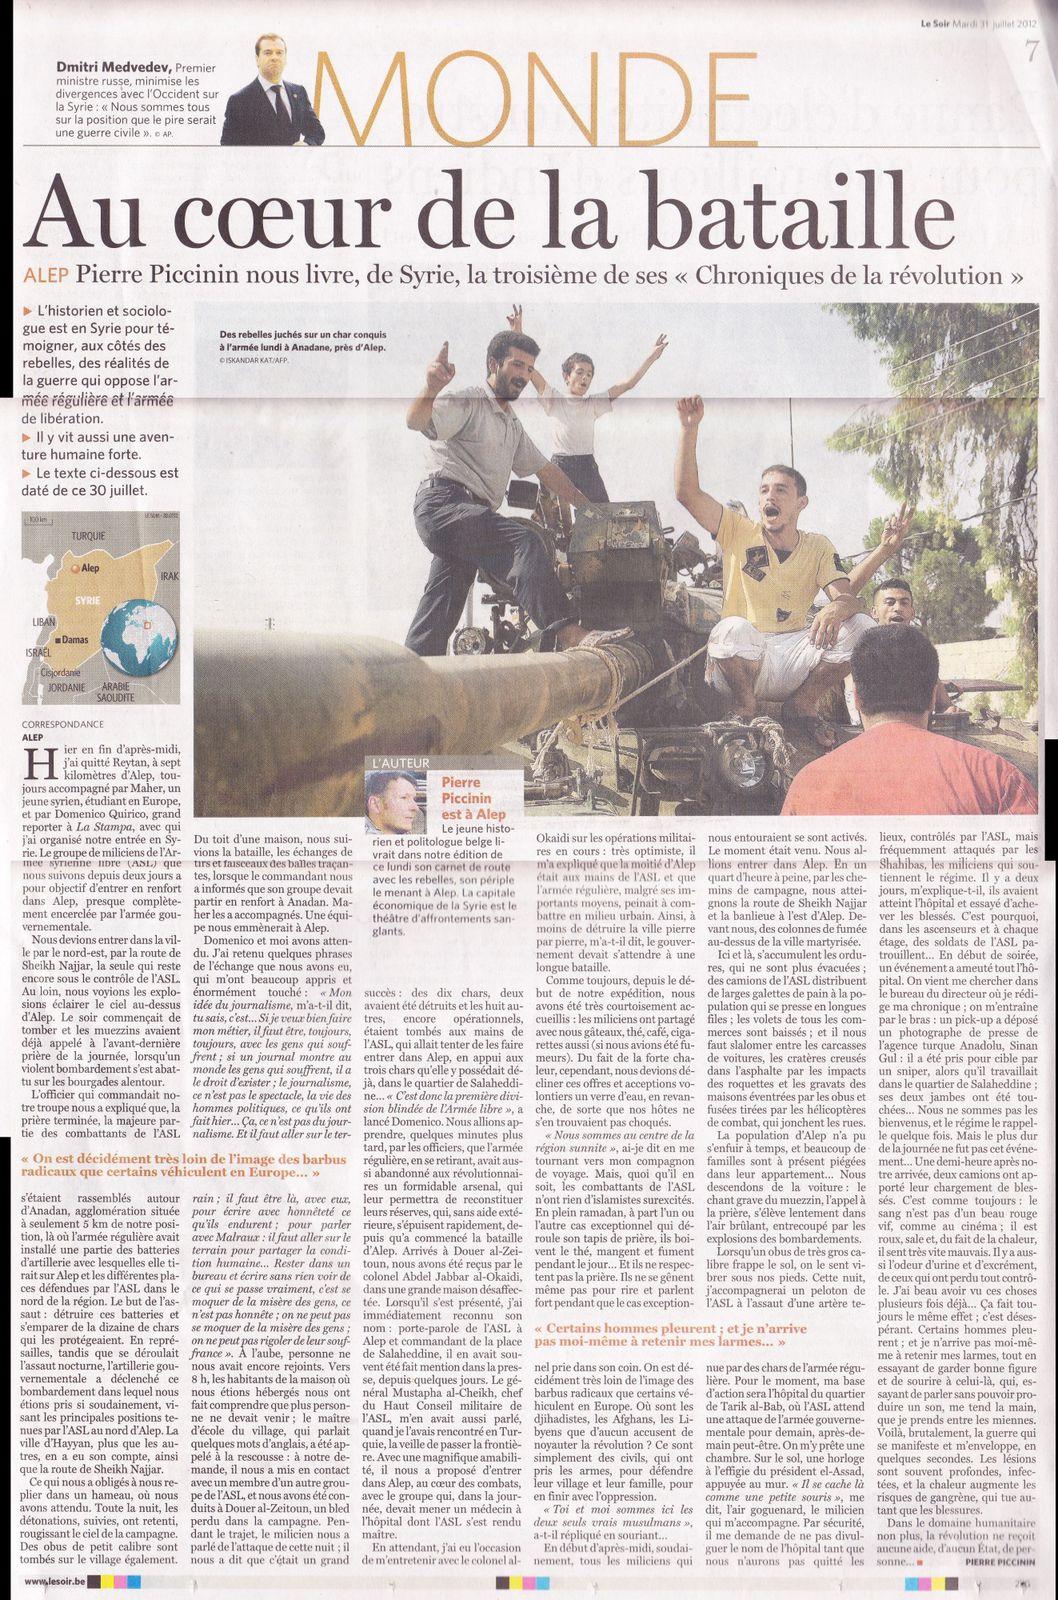 Chroniques de la rév. syrienne (Le Soir - 31 juillet 2012)